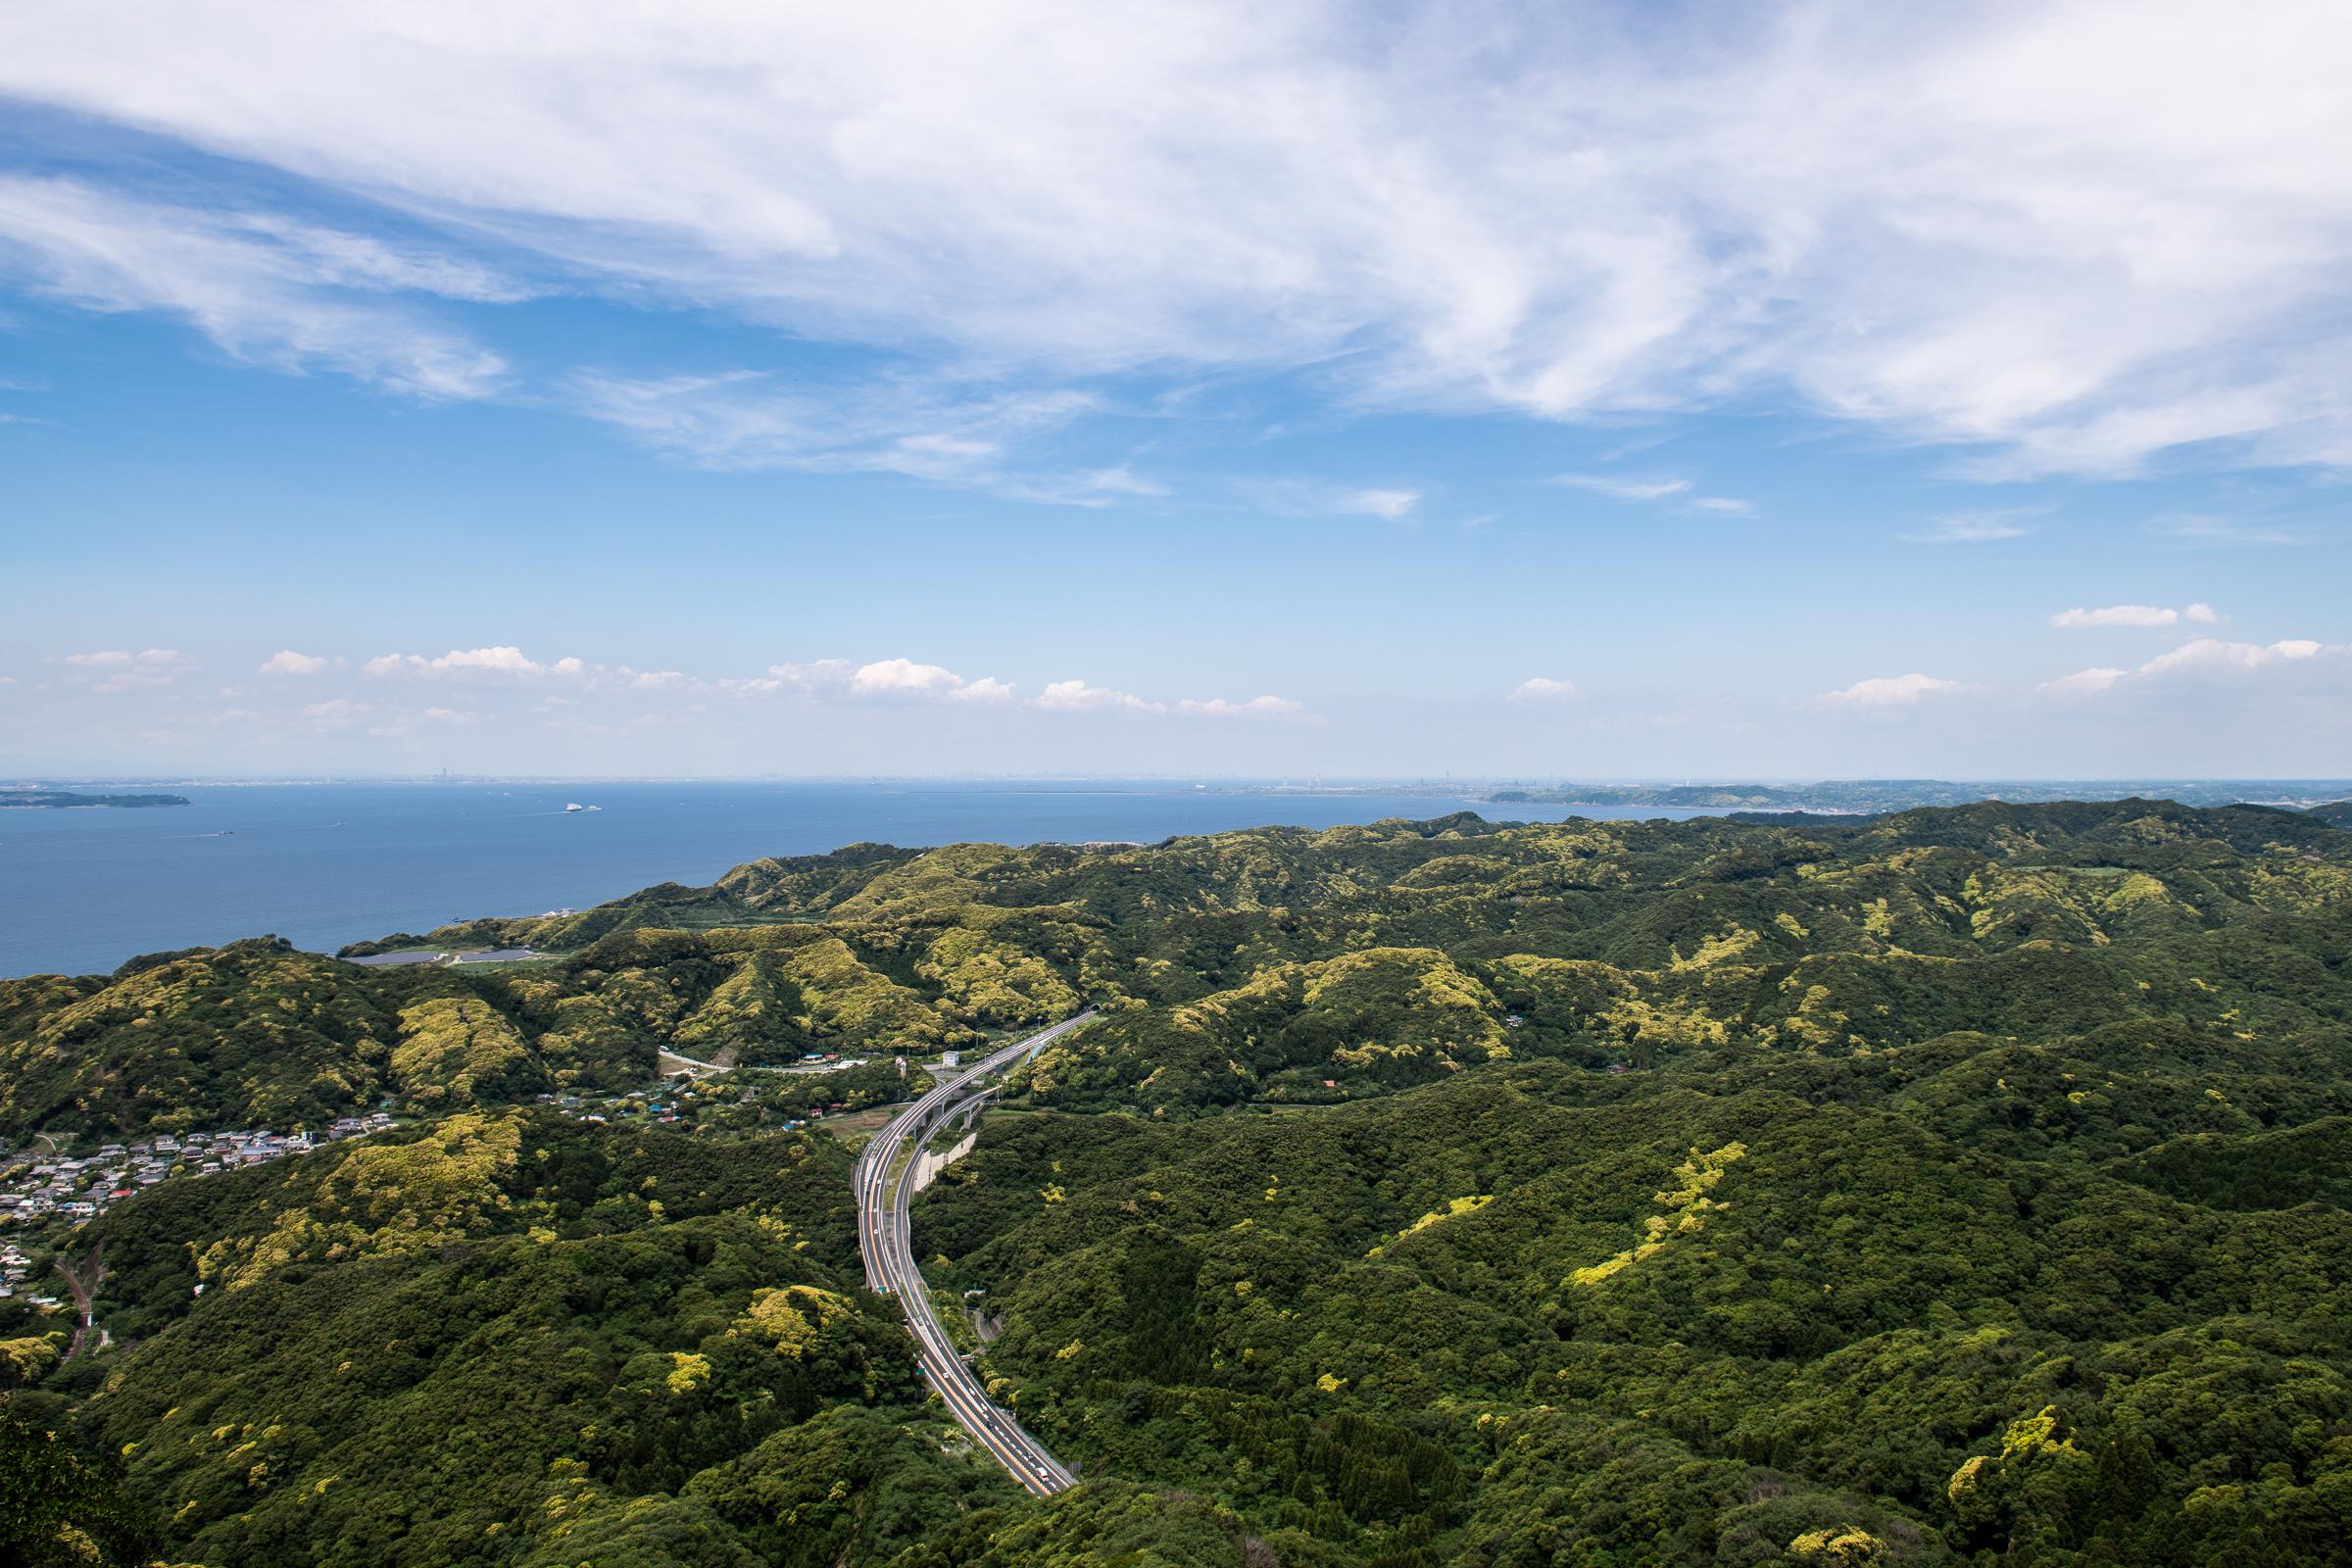 치바현 노코기리산 정상에서 내려다 보이는 울창한 숲. 햇빛 한 줌 들어갈 틈이 없을 것 같이 나무들이 빽빽히 들어서 있다.